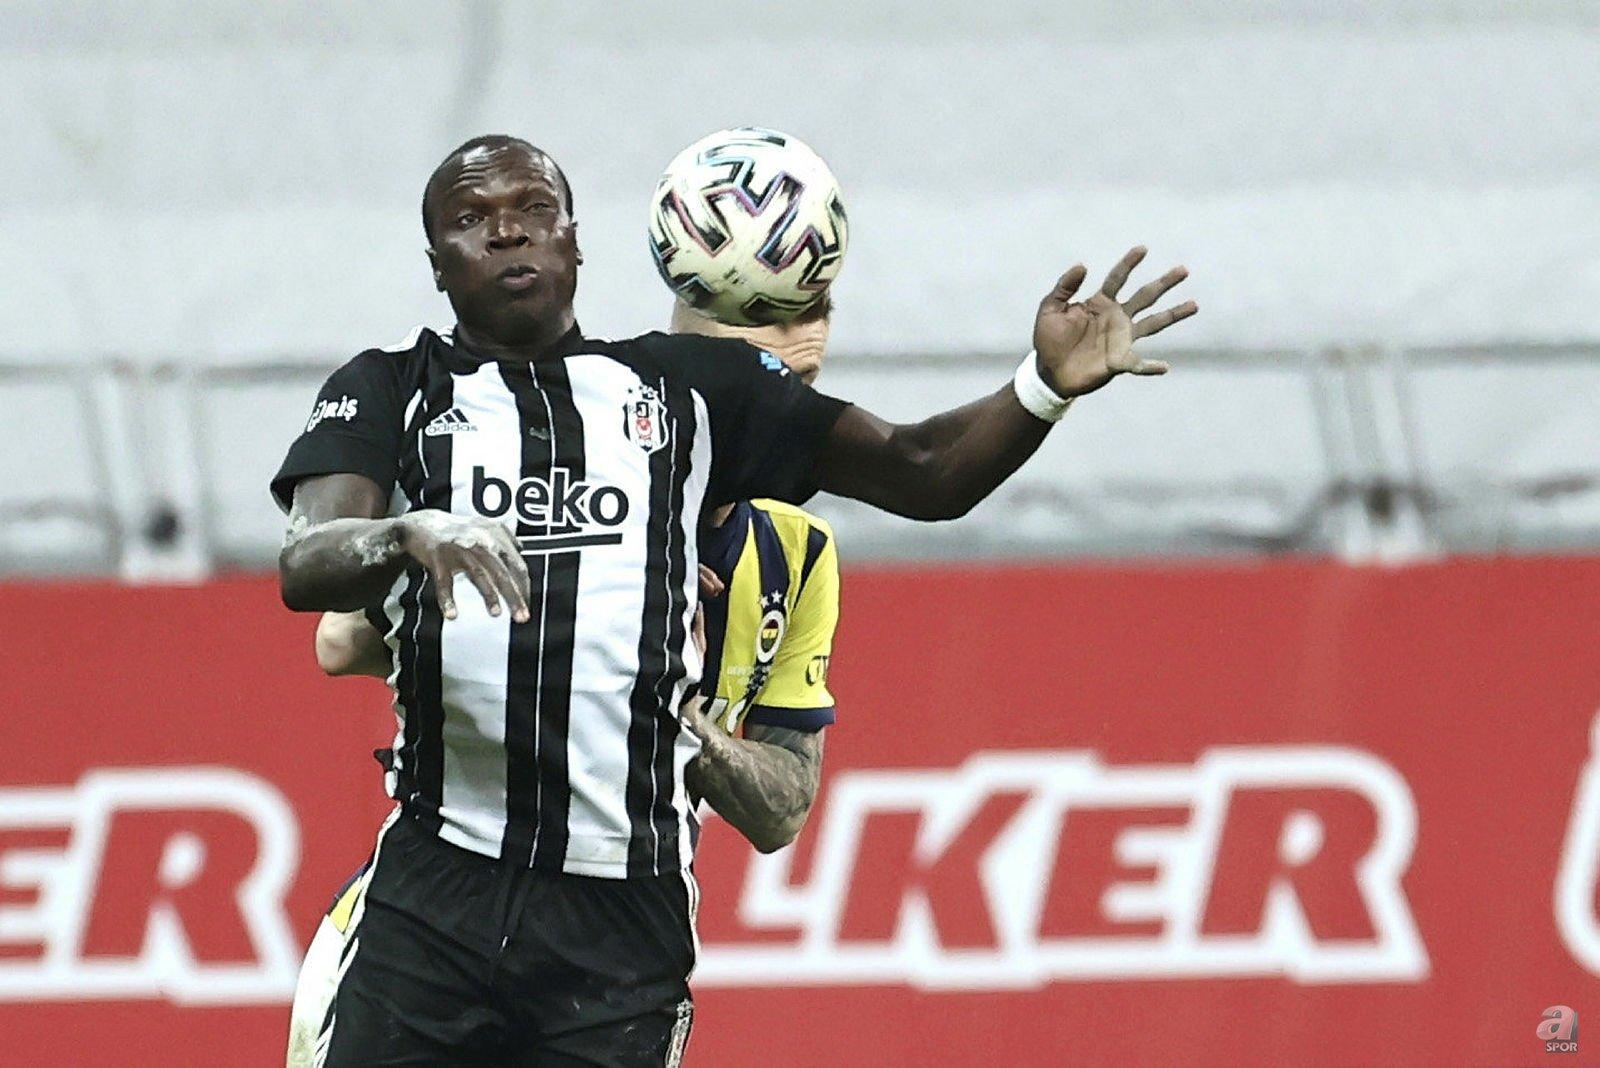 Son dakika transfer haberleri: Beşiktaş Diego Costa transferini bitiriyor! Teklif ortaya çıktı - Aspor